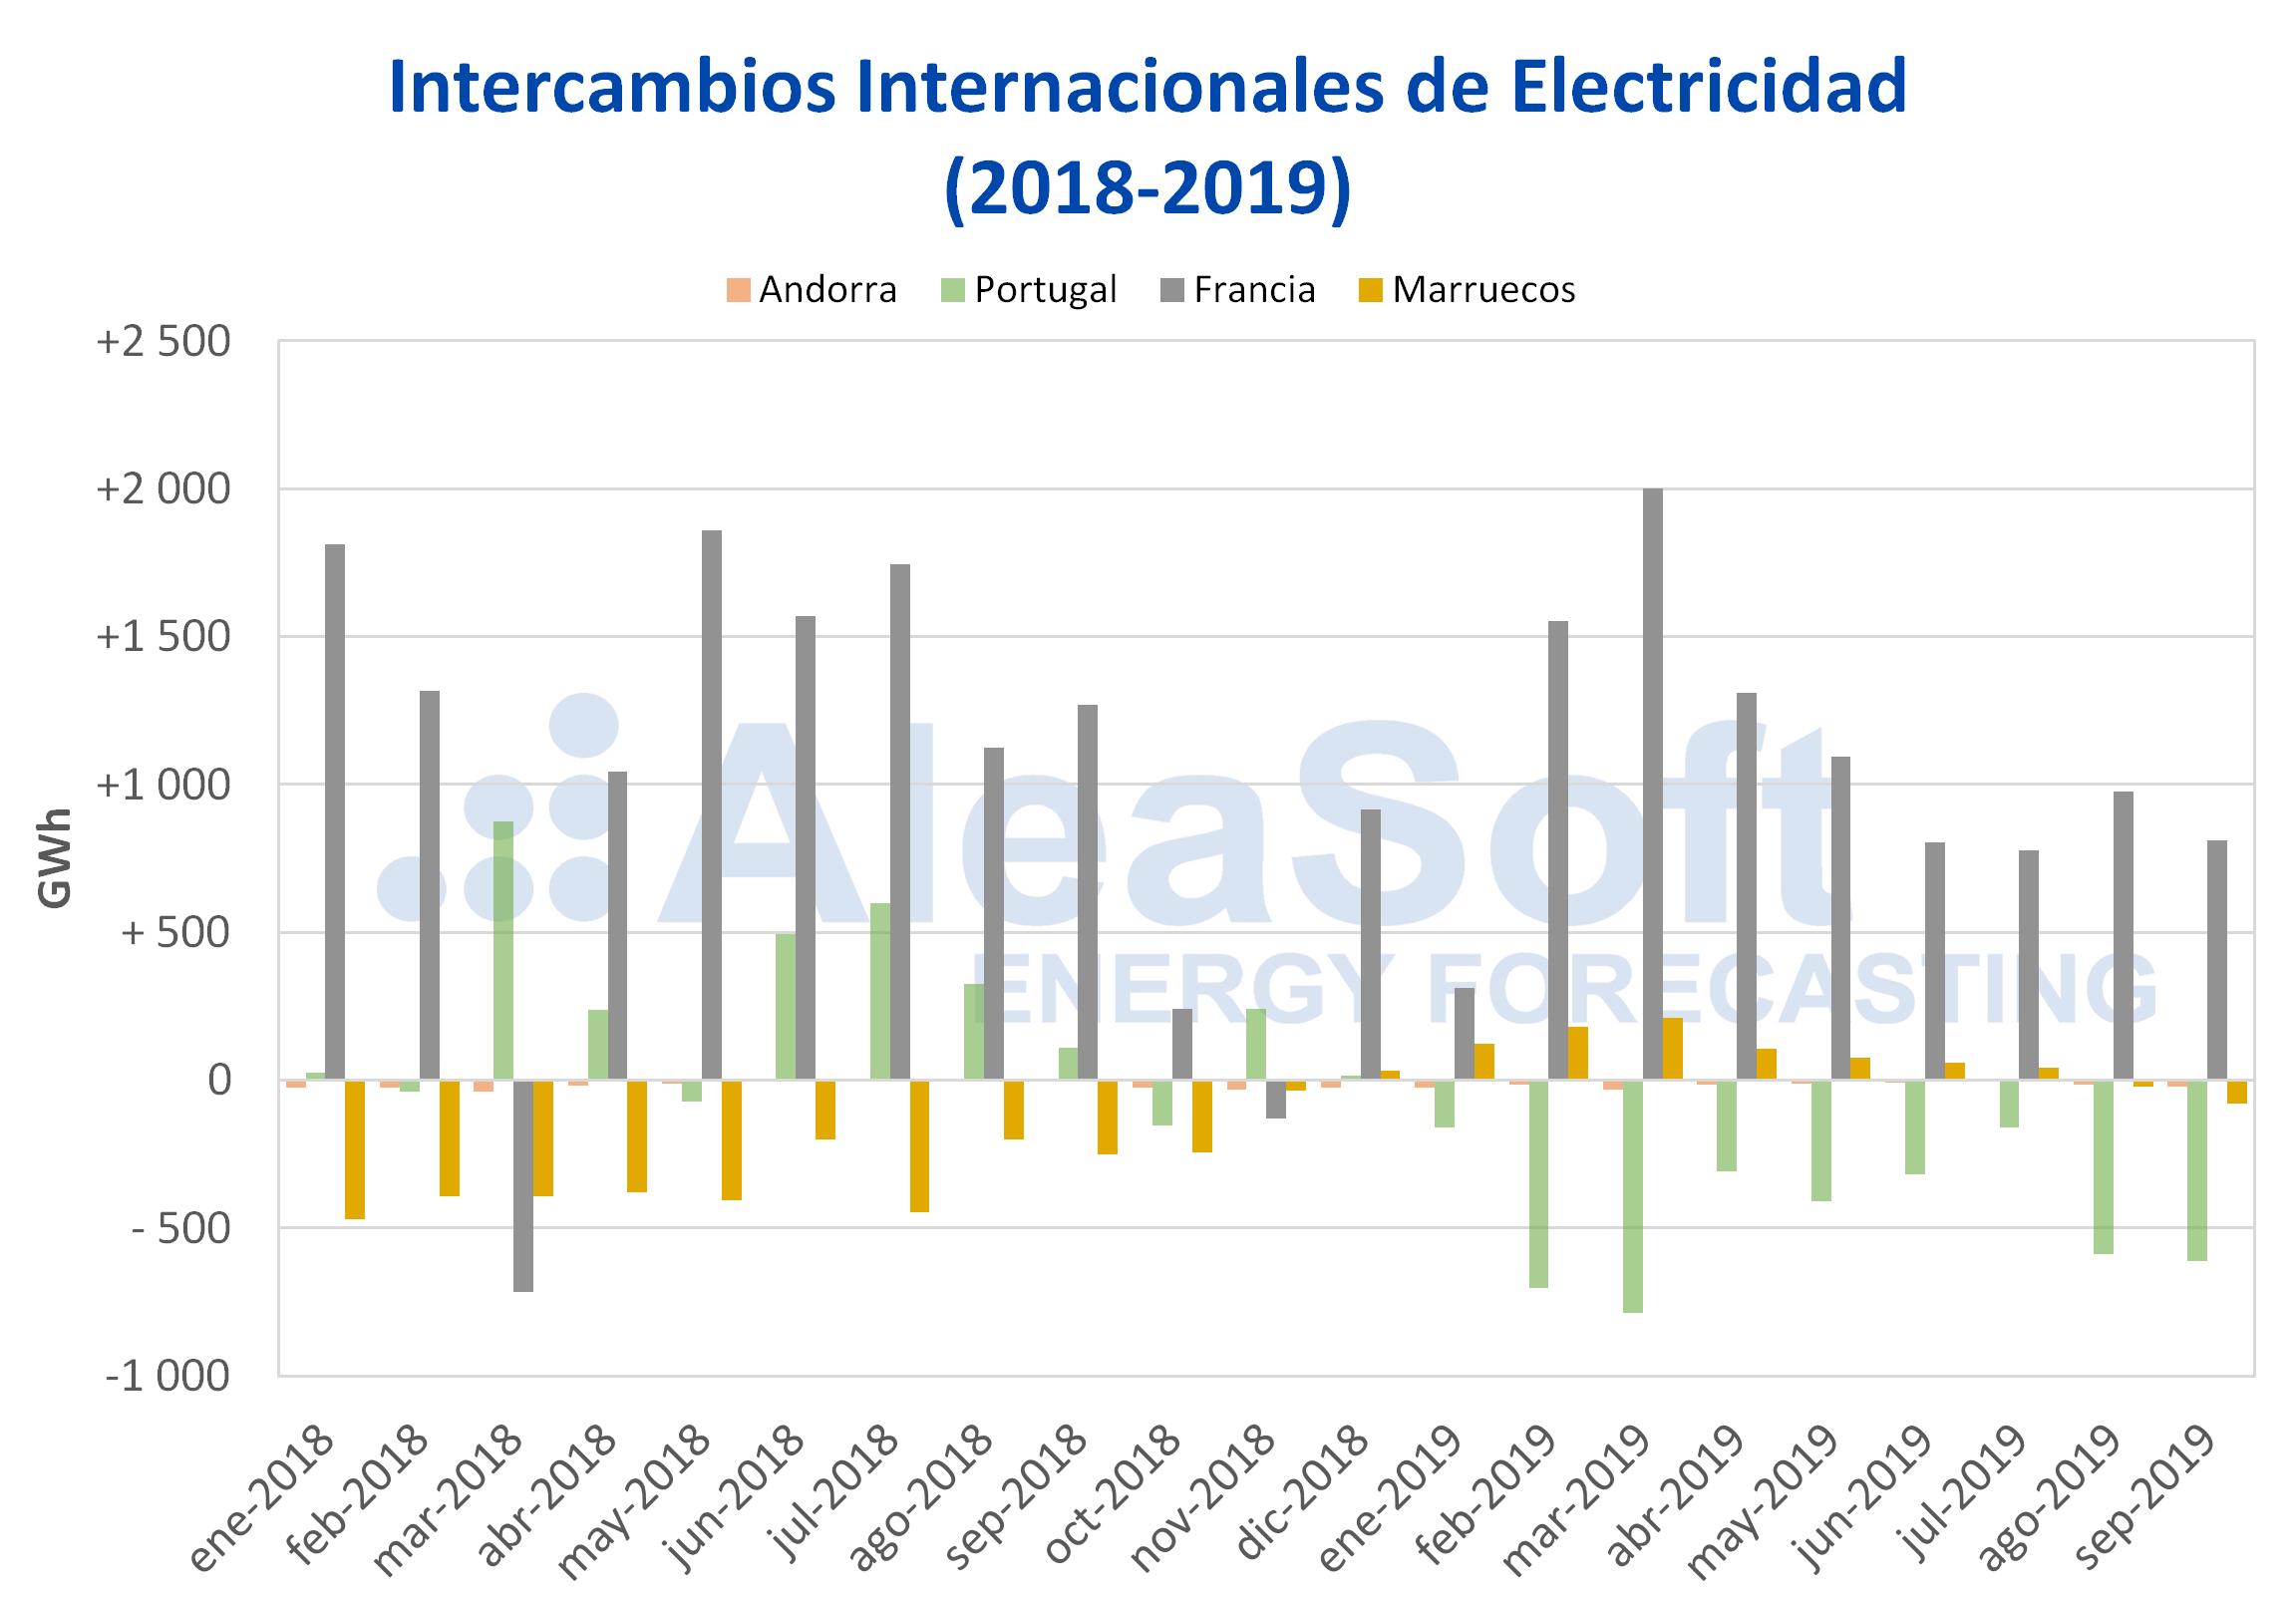 AleaSoft - Intercambios de electricidad por países 2018-2019